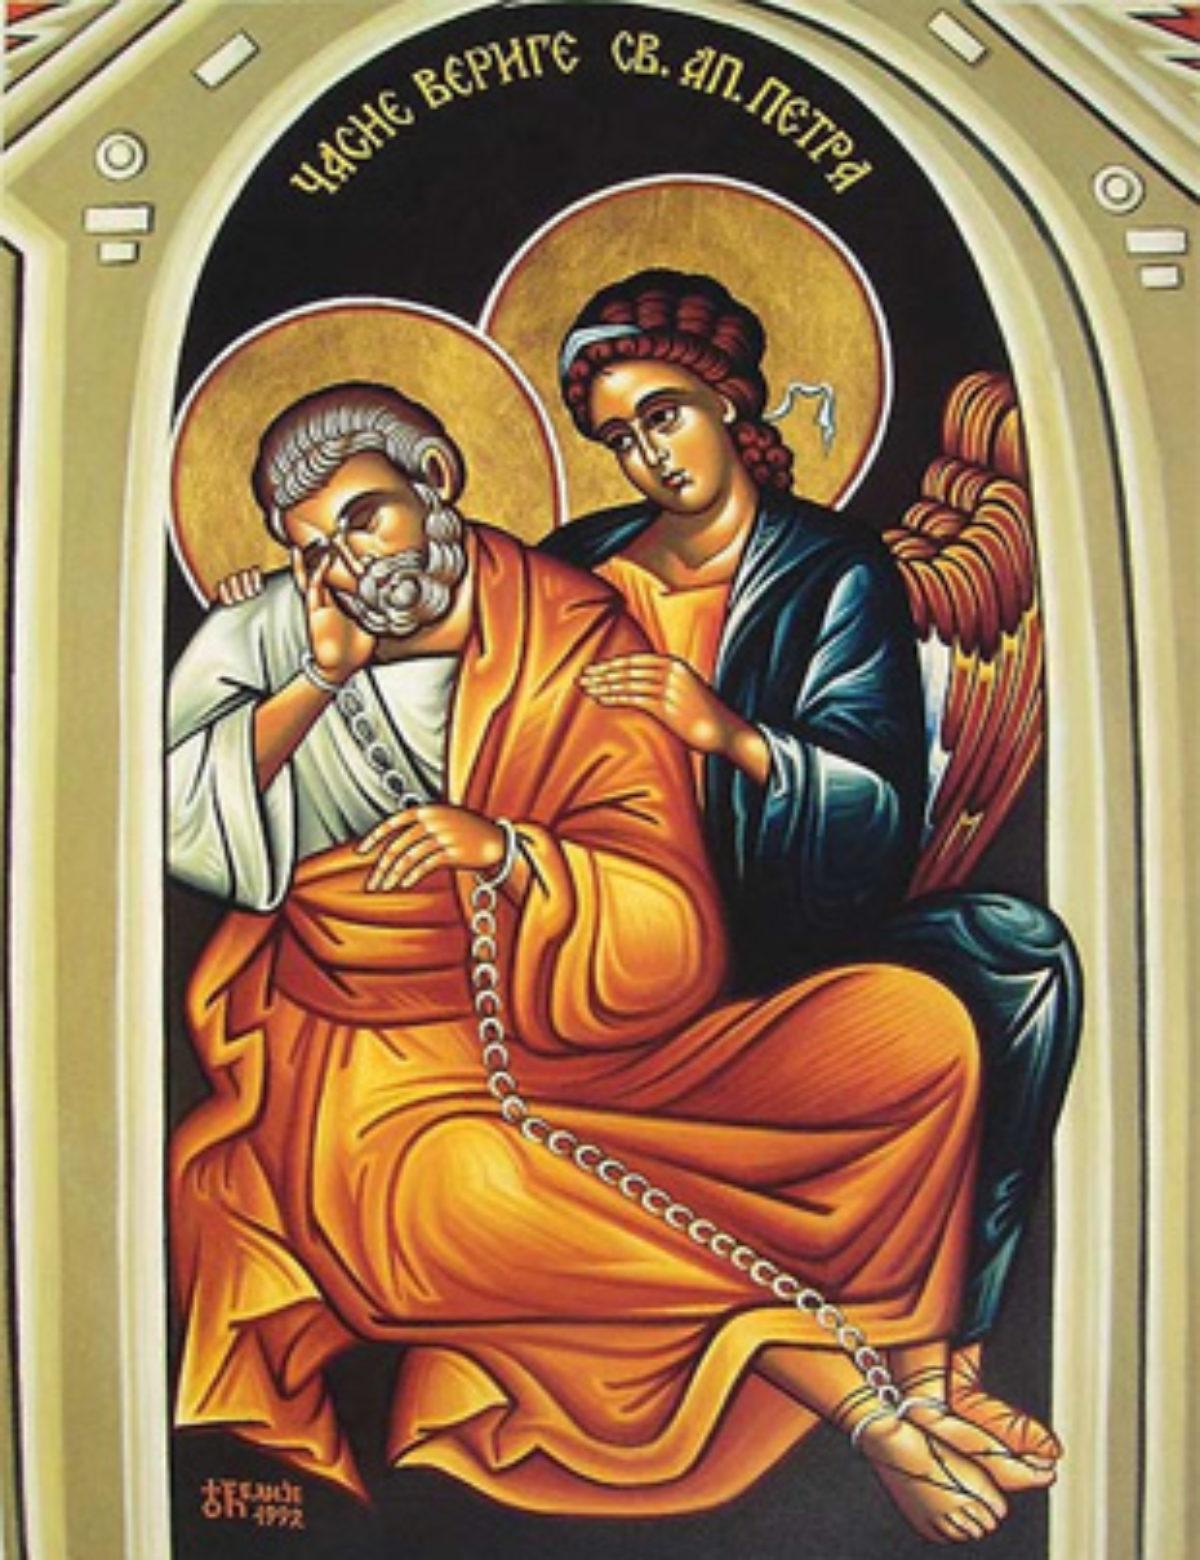 Поклонение честным веригам святого апостола Петра